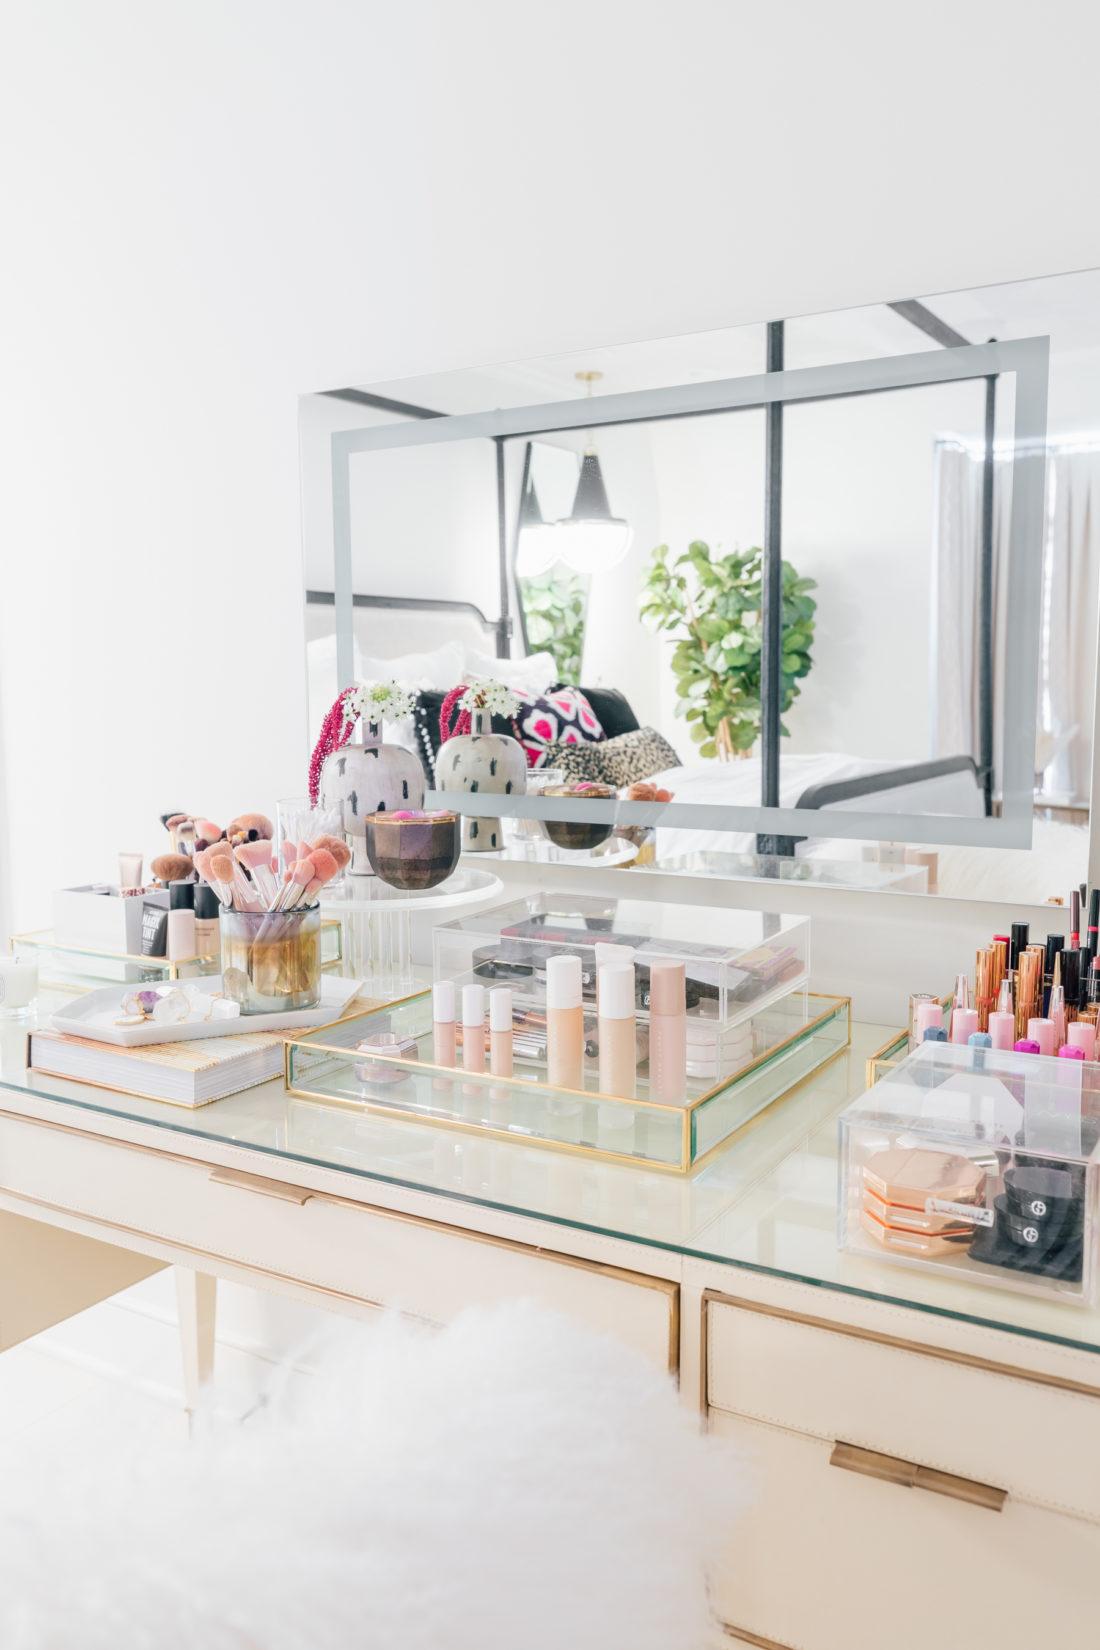 Details on Eva Amurri Martino's vanity